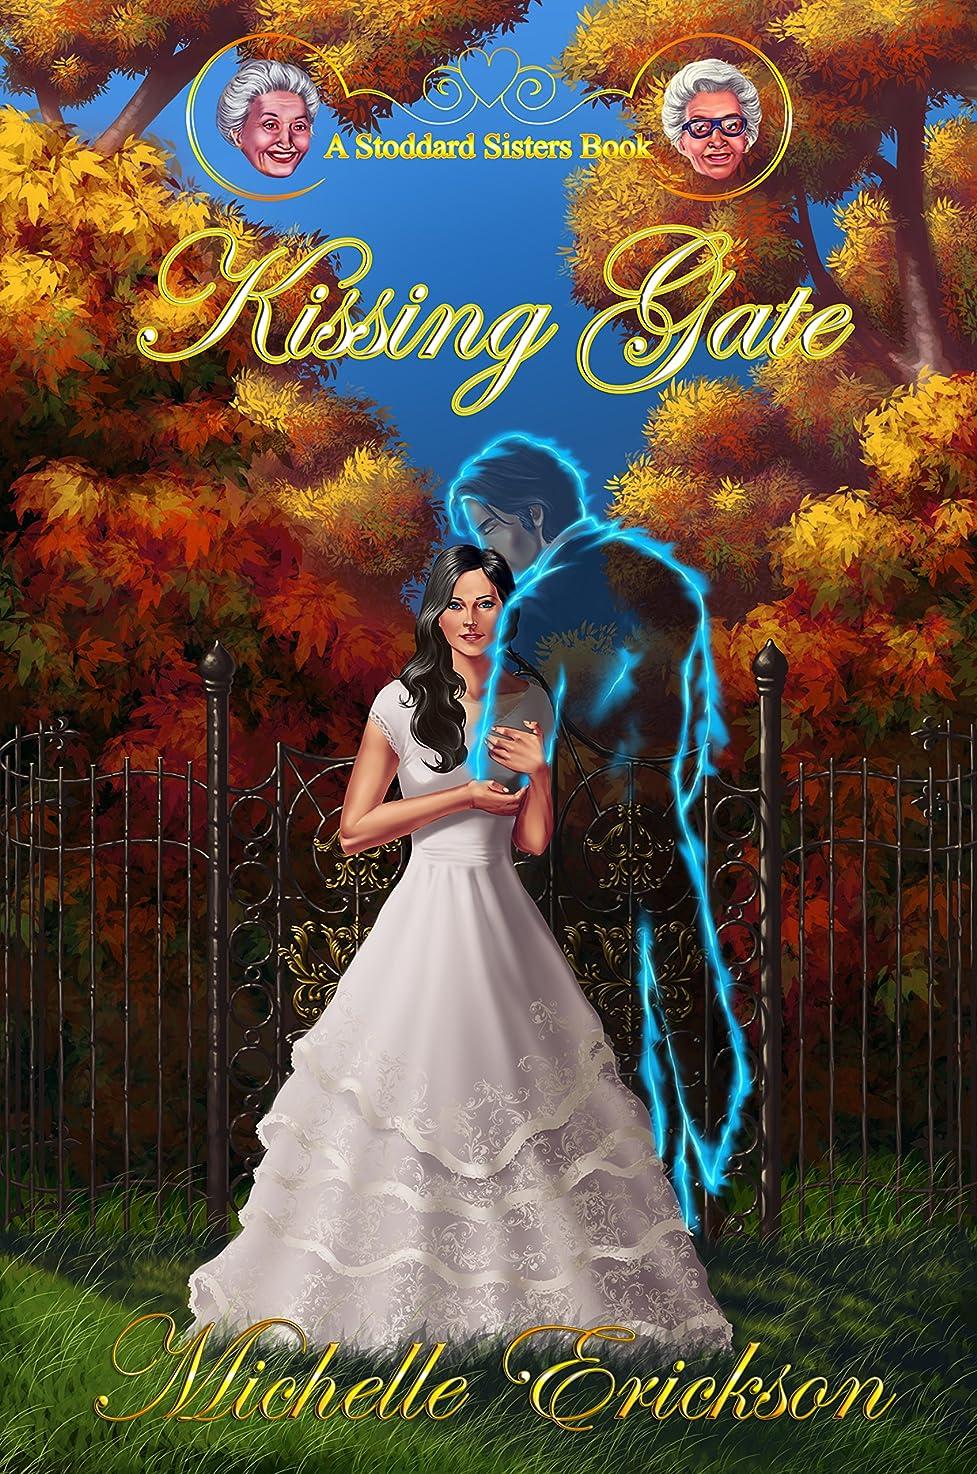 紳士失われた拍手するKissing Gate (Paranormal Romance Time Travel  and Murder Mystery): A Stoddard Sisters Book 2 (English Edition)